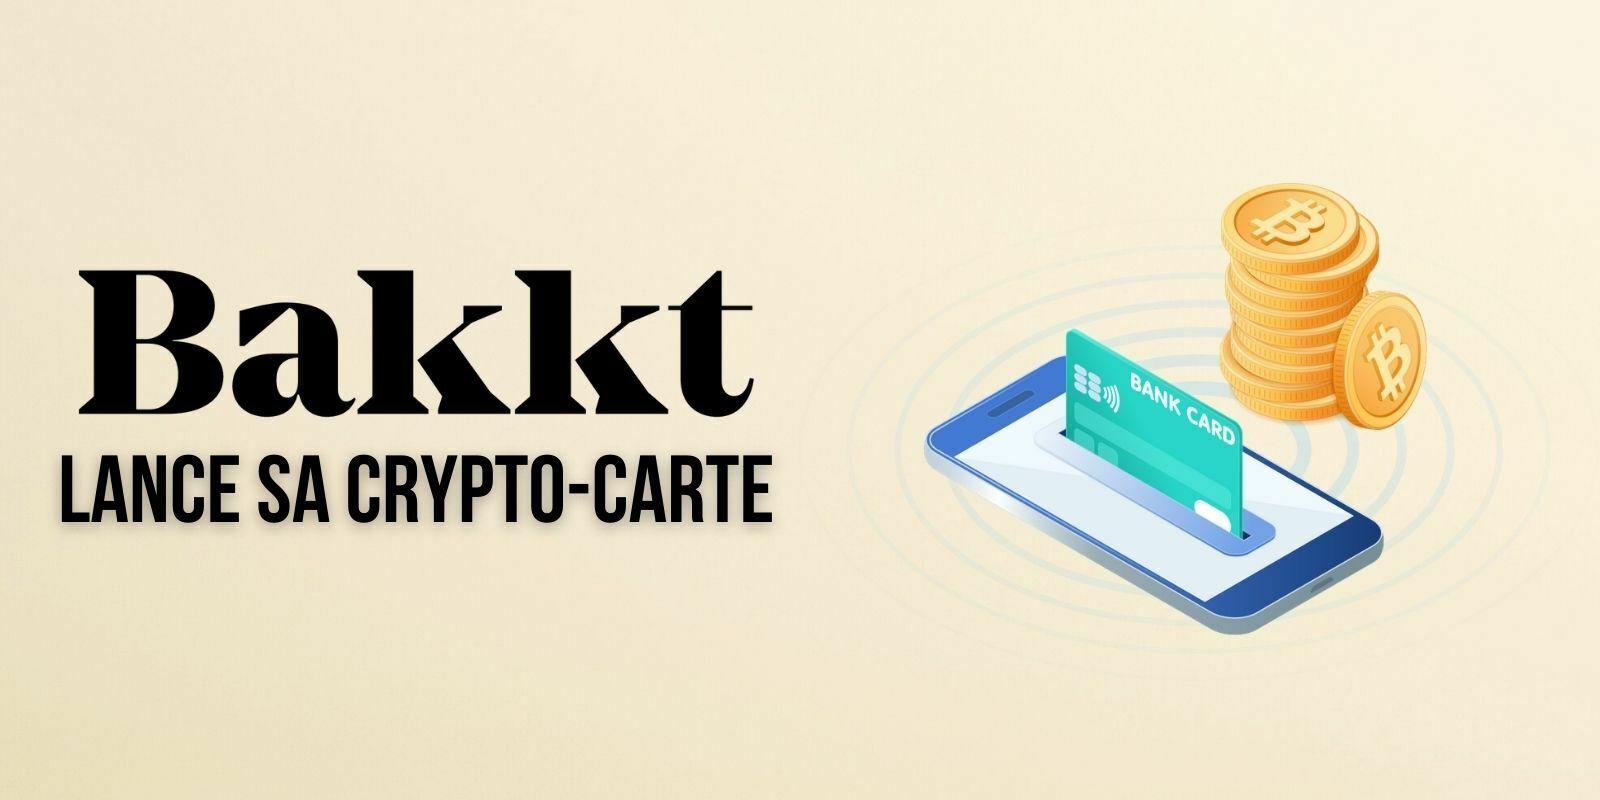 Bakkt lance sa crypto-carte pour « maximiser la capacité des utilisateurs à dépenser leurs actifs numériques »